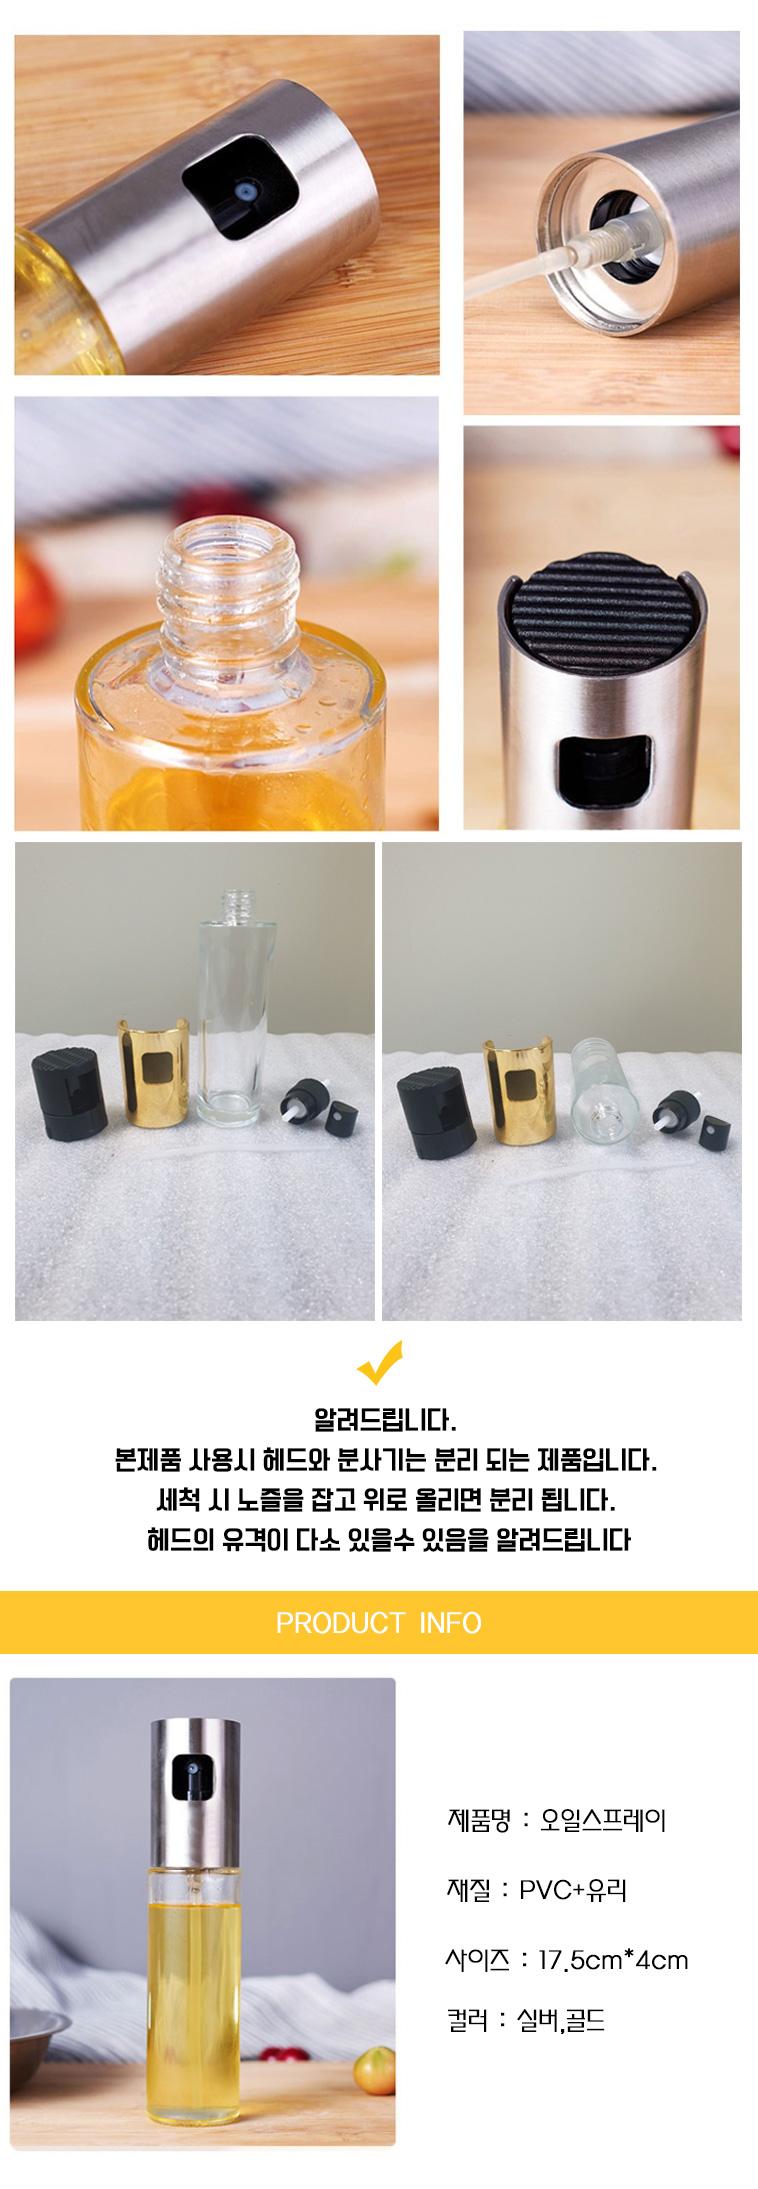 에어프라이어 오일스프레이 - 보라리빙, 4,900원, 주방정리용품, 조리통